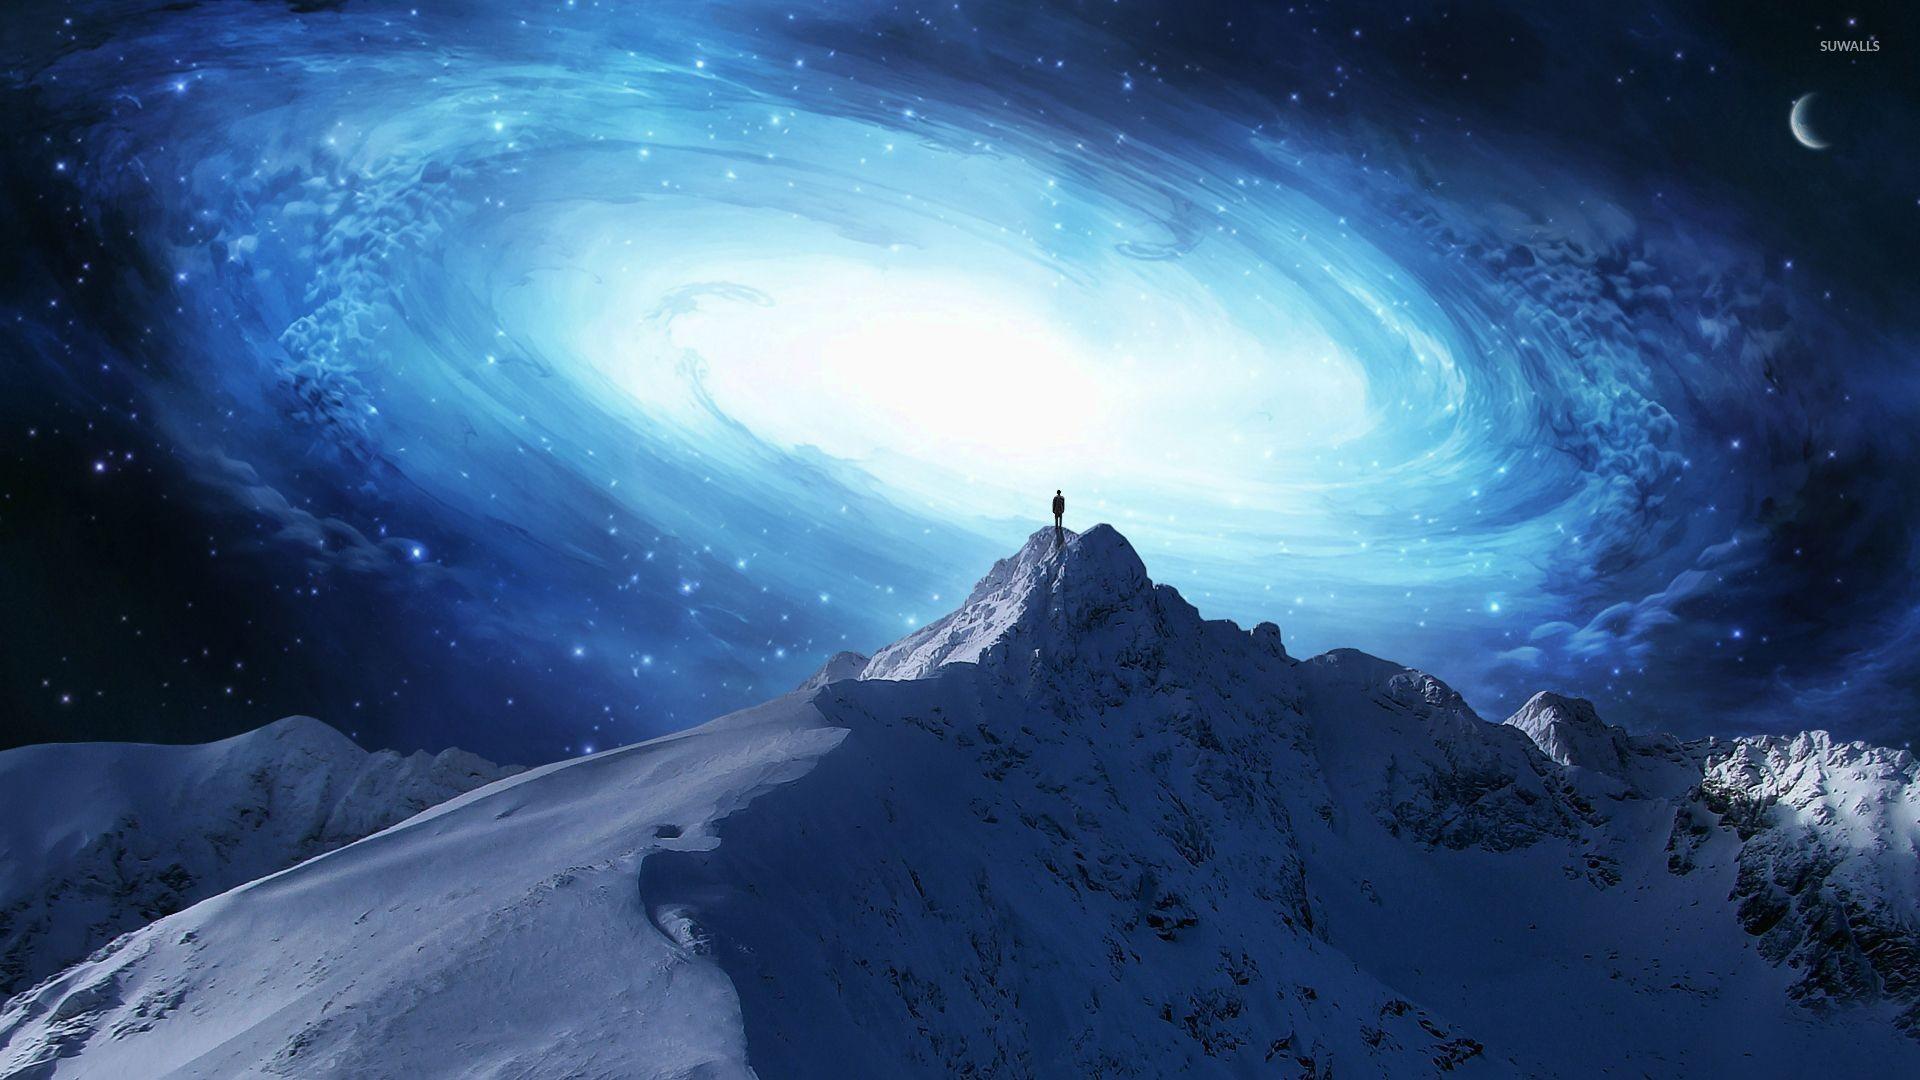 Man on the mountain peak overlooking the galaxy wallpaper jpg